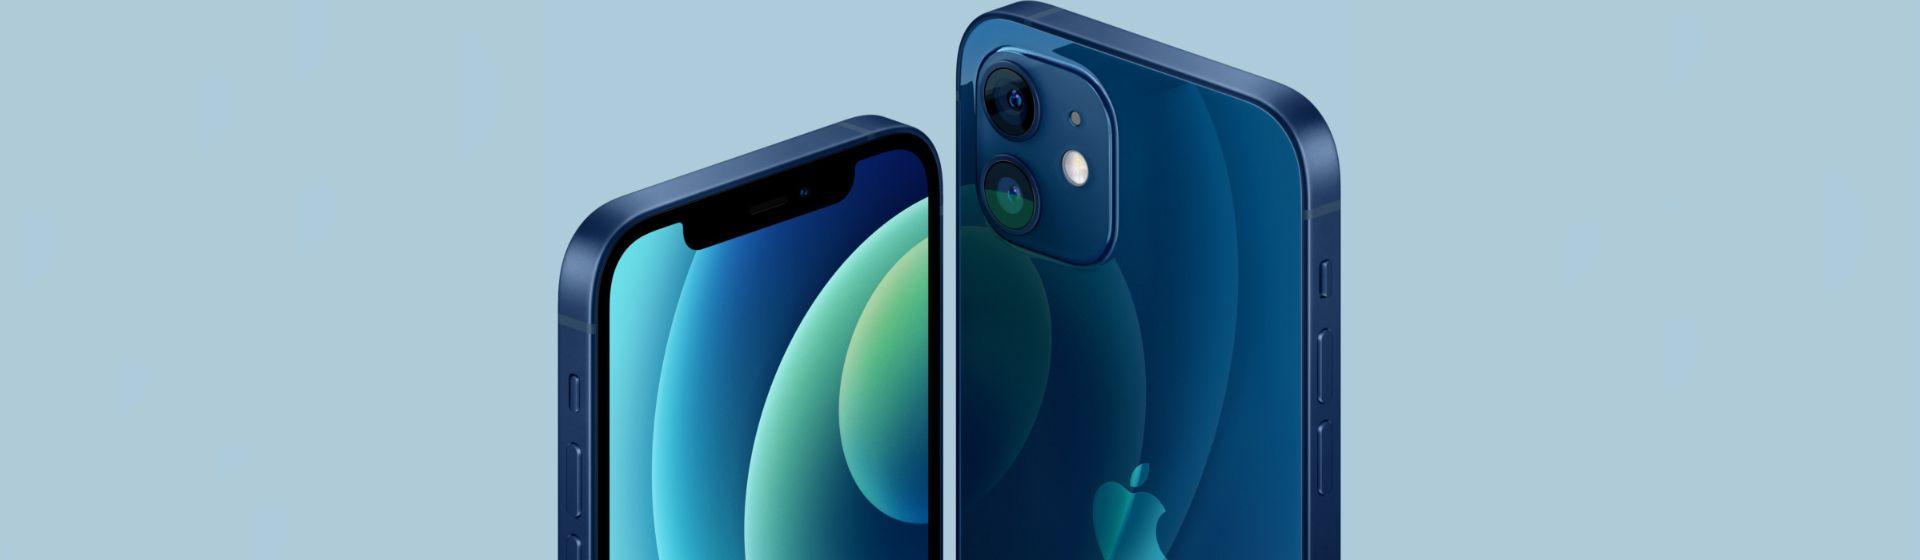 iPhone 12: conheça a ficha técnica do novo smartphone da Apple